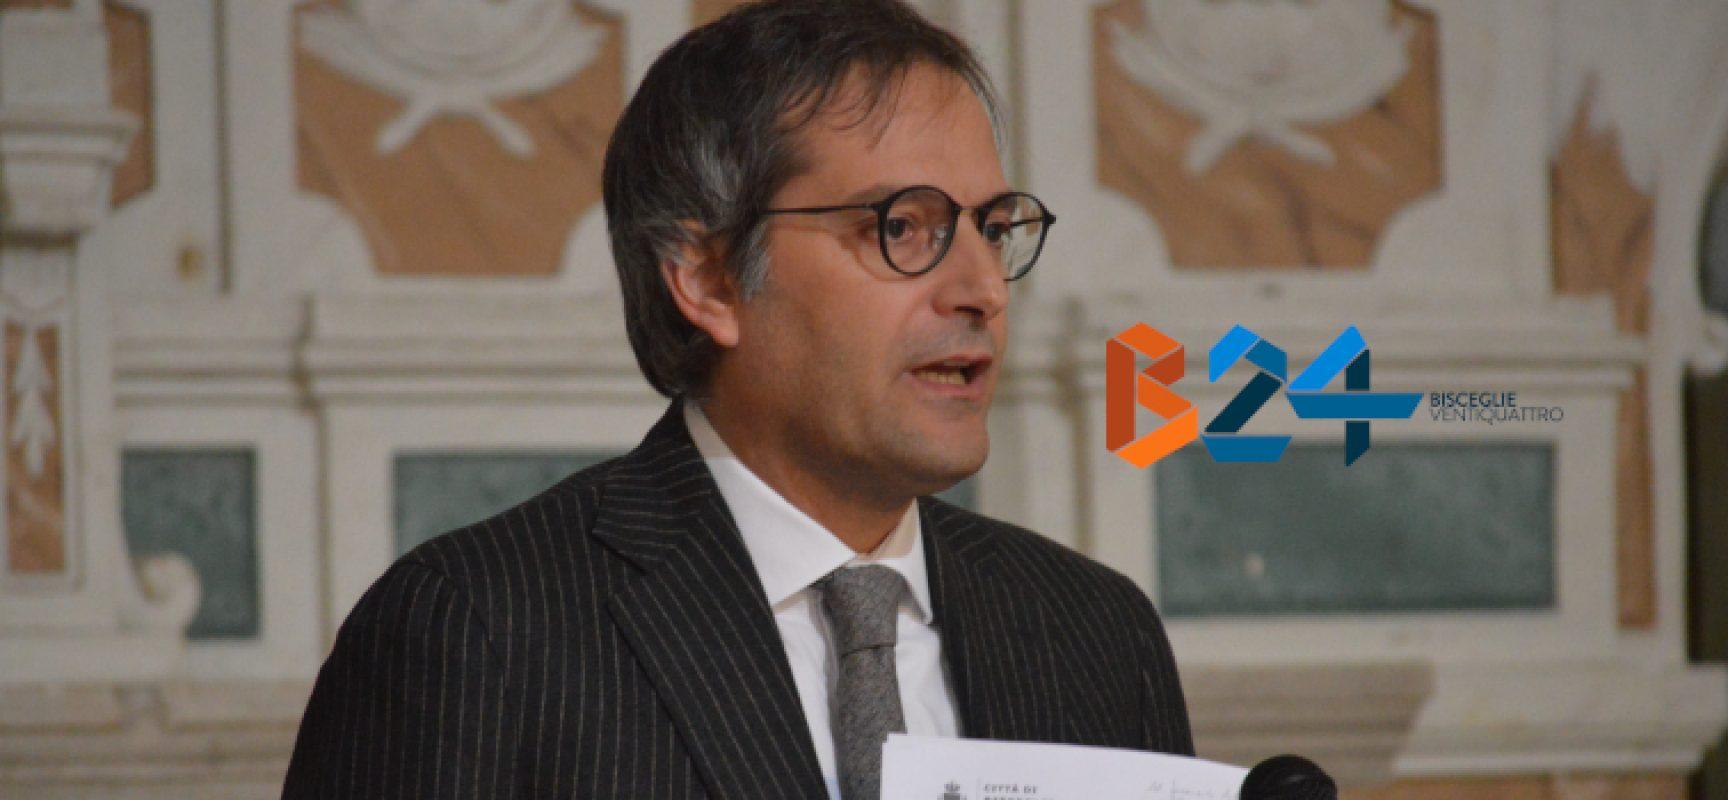 """Tari 2019, in linea con 2018 e inferiore a 2017, Angarano: """"Smentite bugie di chi parlava di aumenti"""""""